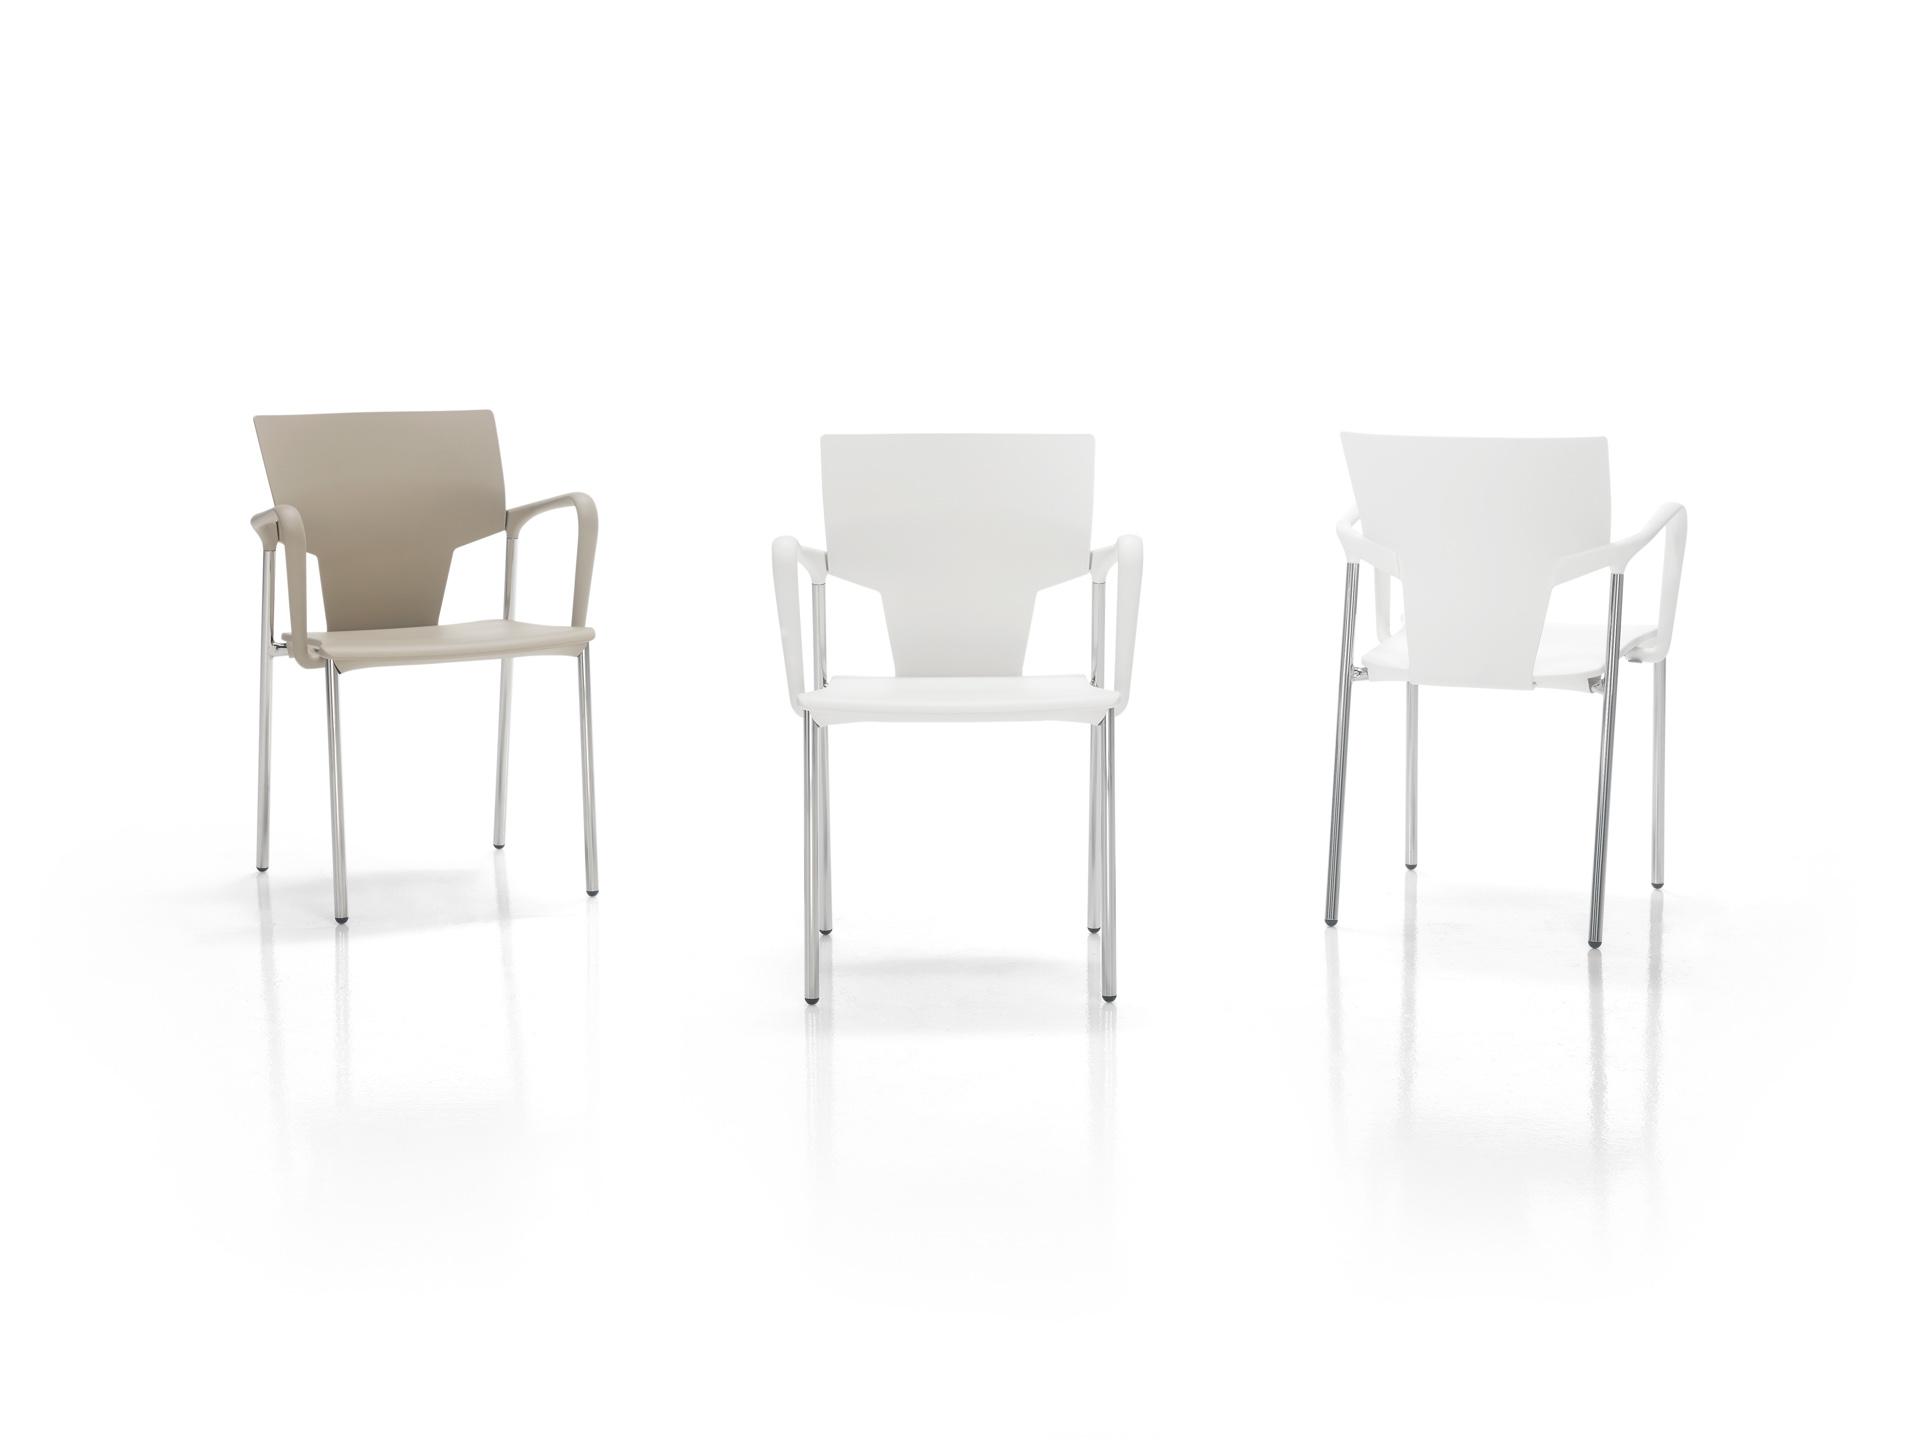 Sillas y sillones para cualquier instalación de colectividades